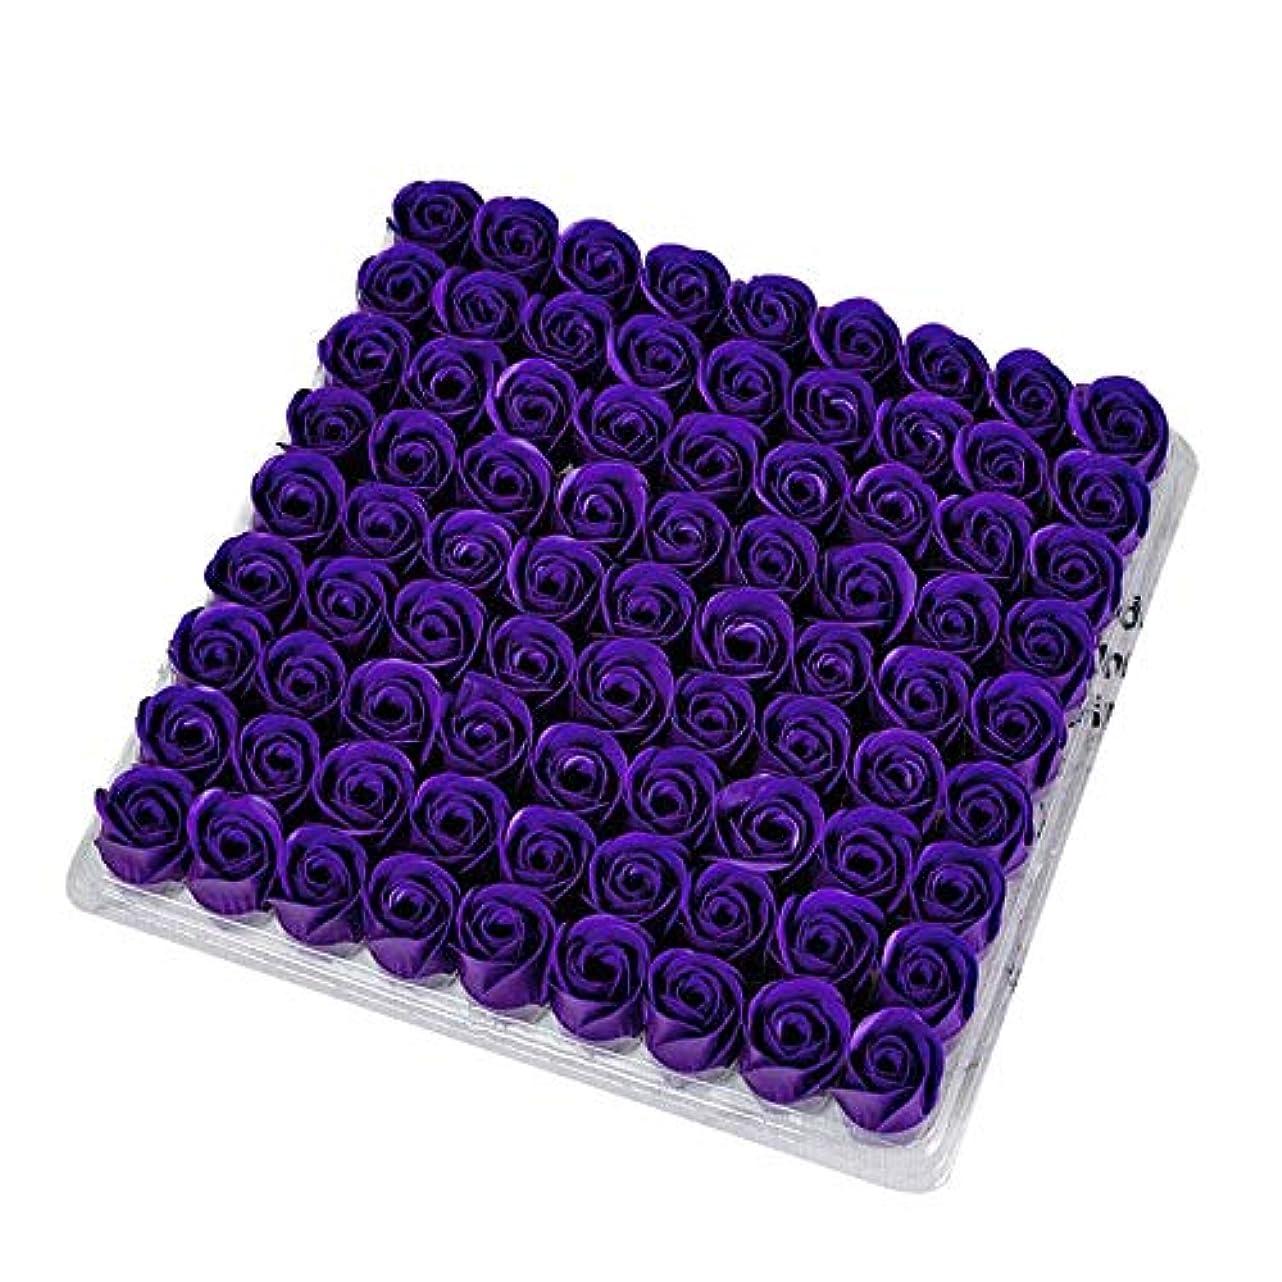 本気金貸し代替案CUHAWUDBA 81個の薔薇 フローラルの石けん 香りのよいローズフラワー エッセンシャルオイル フローラルのお客様への石鹸 ウェディング、パーティー、バレンタインデーの贈り物、紫色